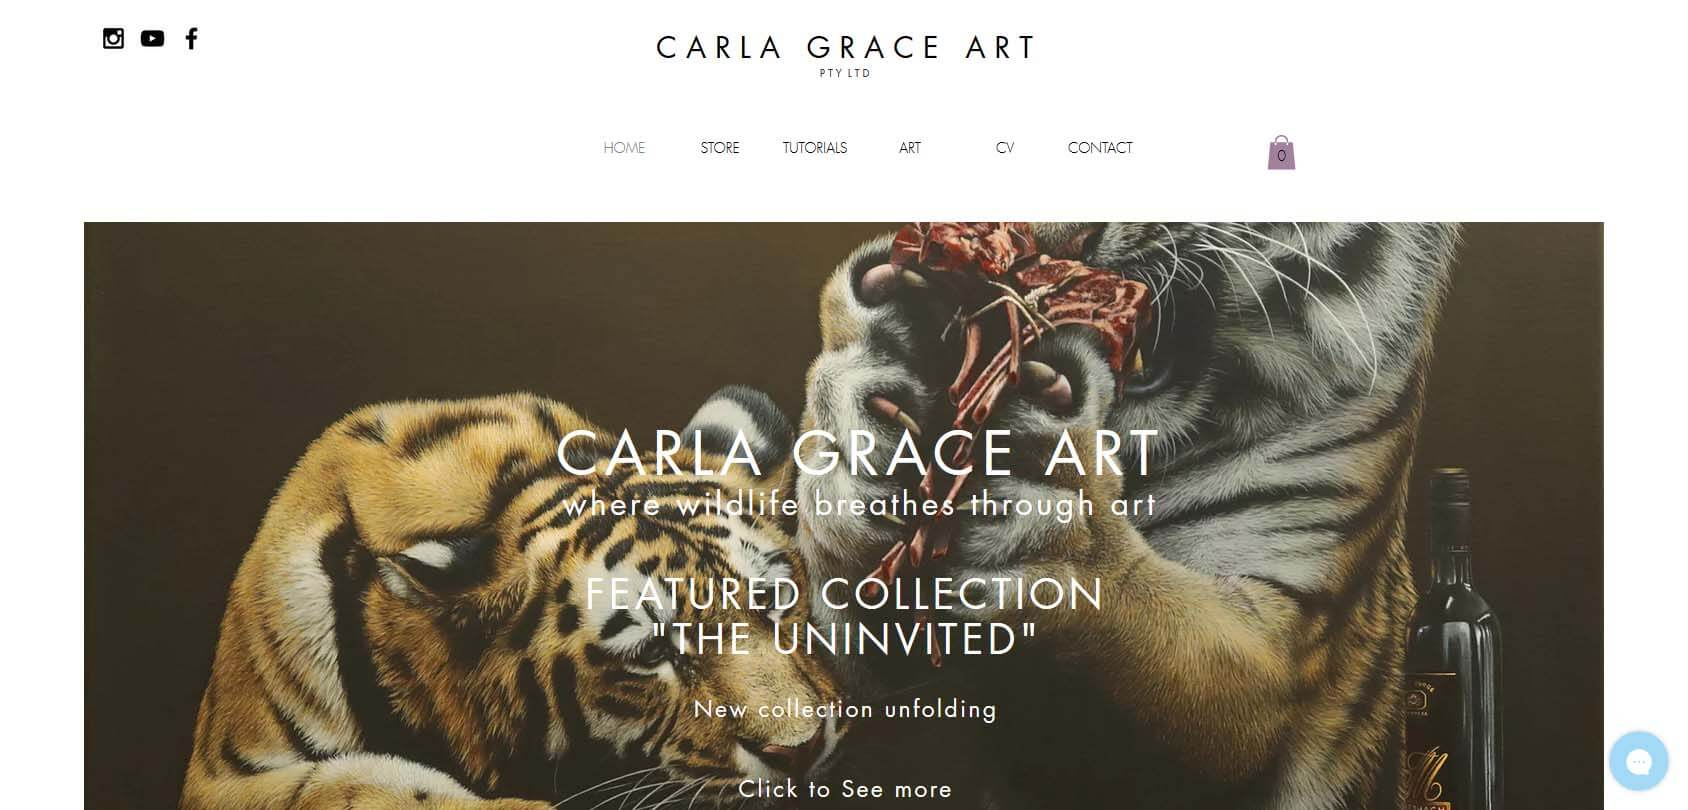 Carla Grace Art Homepage